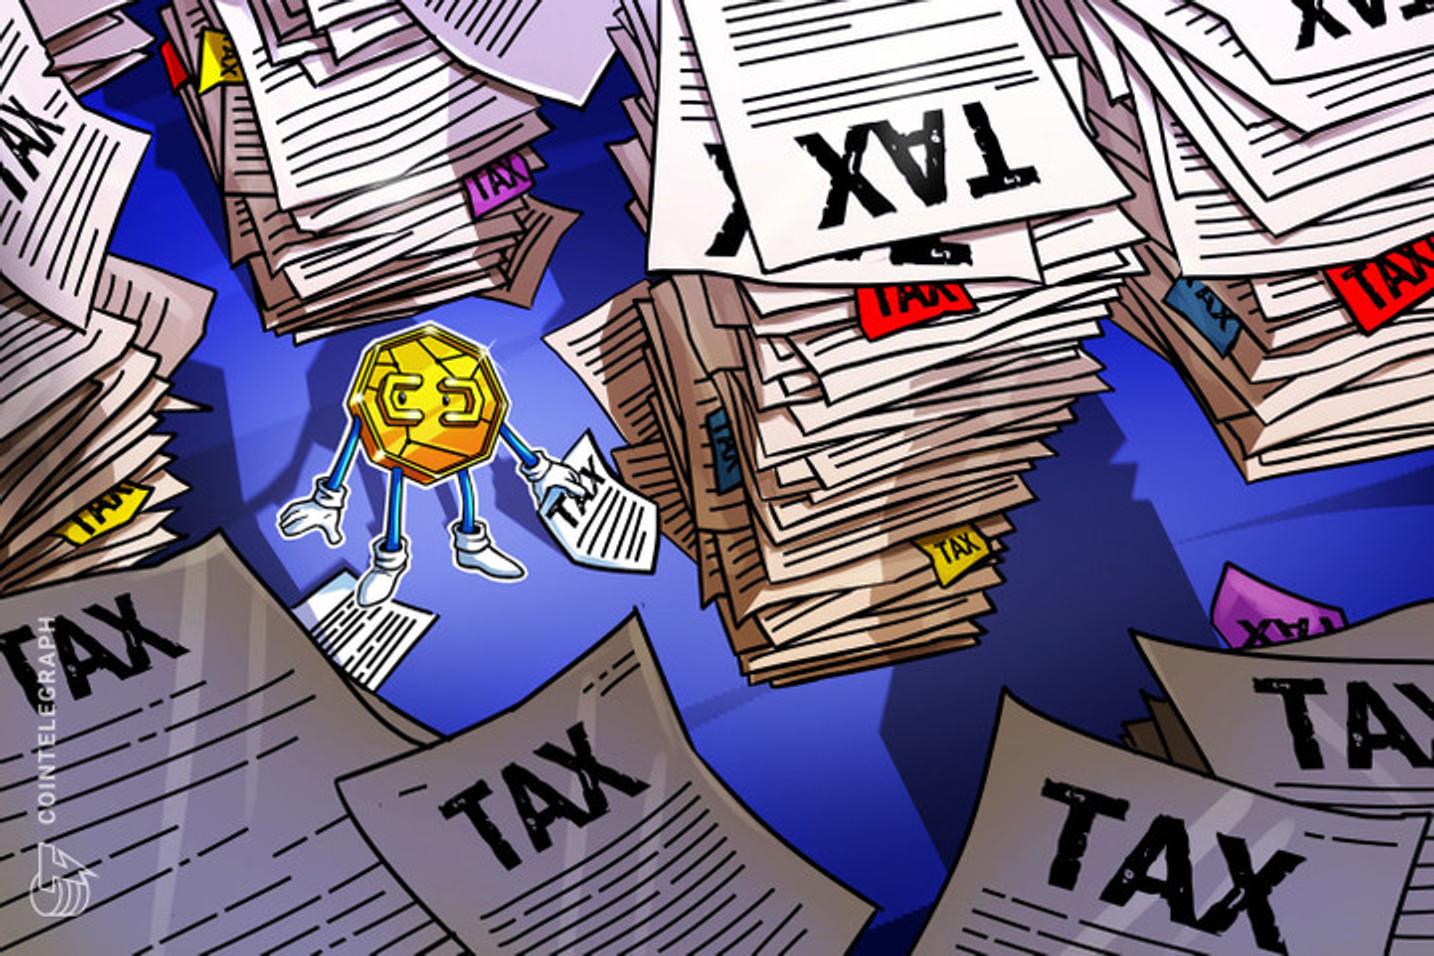 La Agencia Tributaria de España enviará 14,600 avisos a contribuyentes que hayan operado con criptomonedas